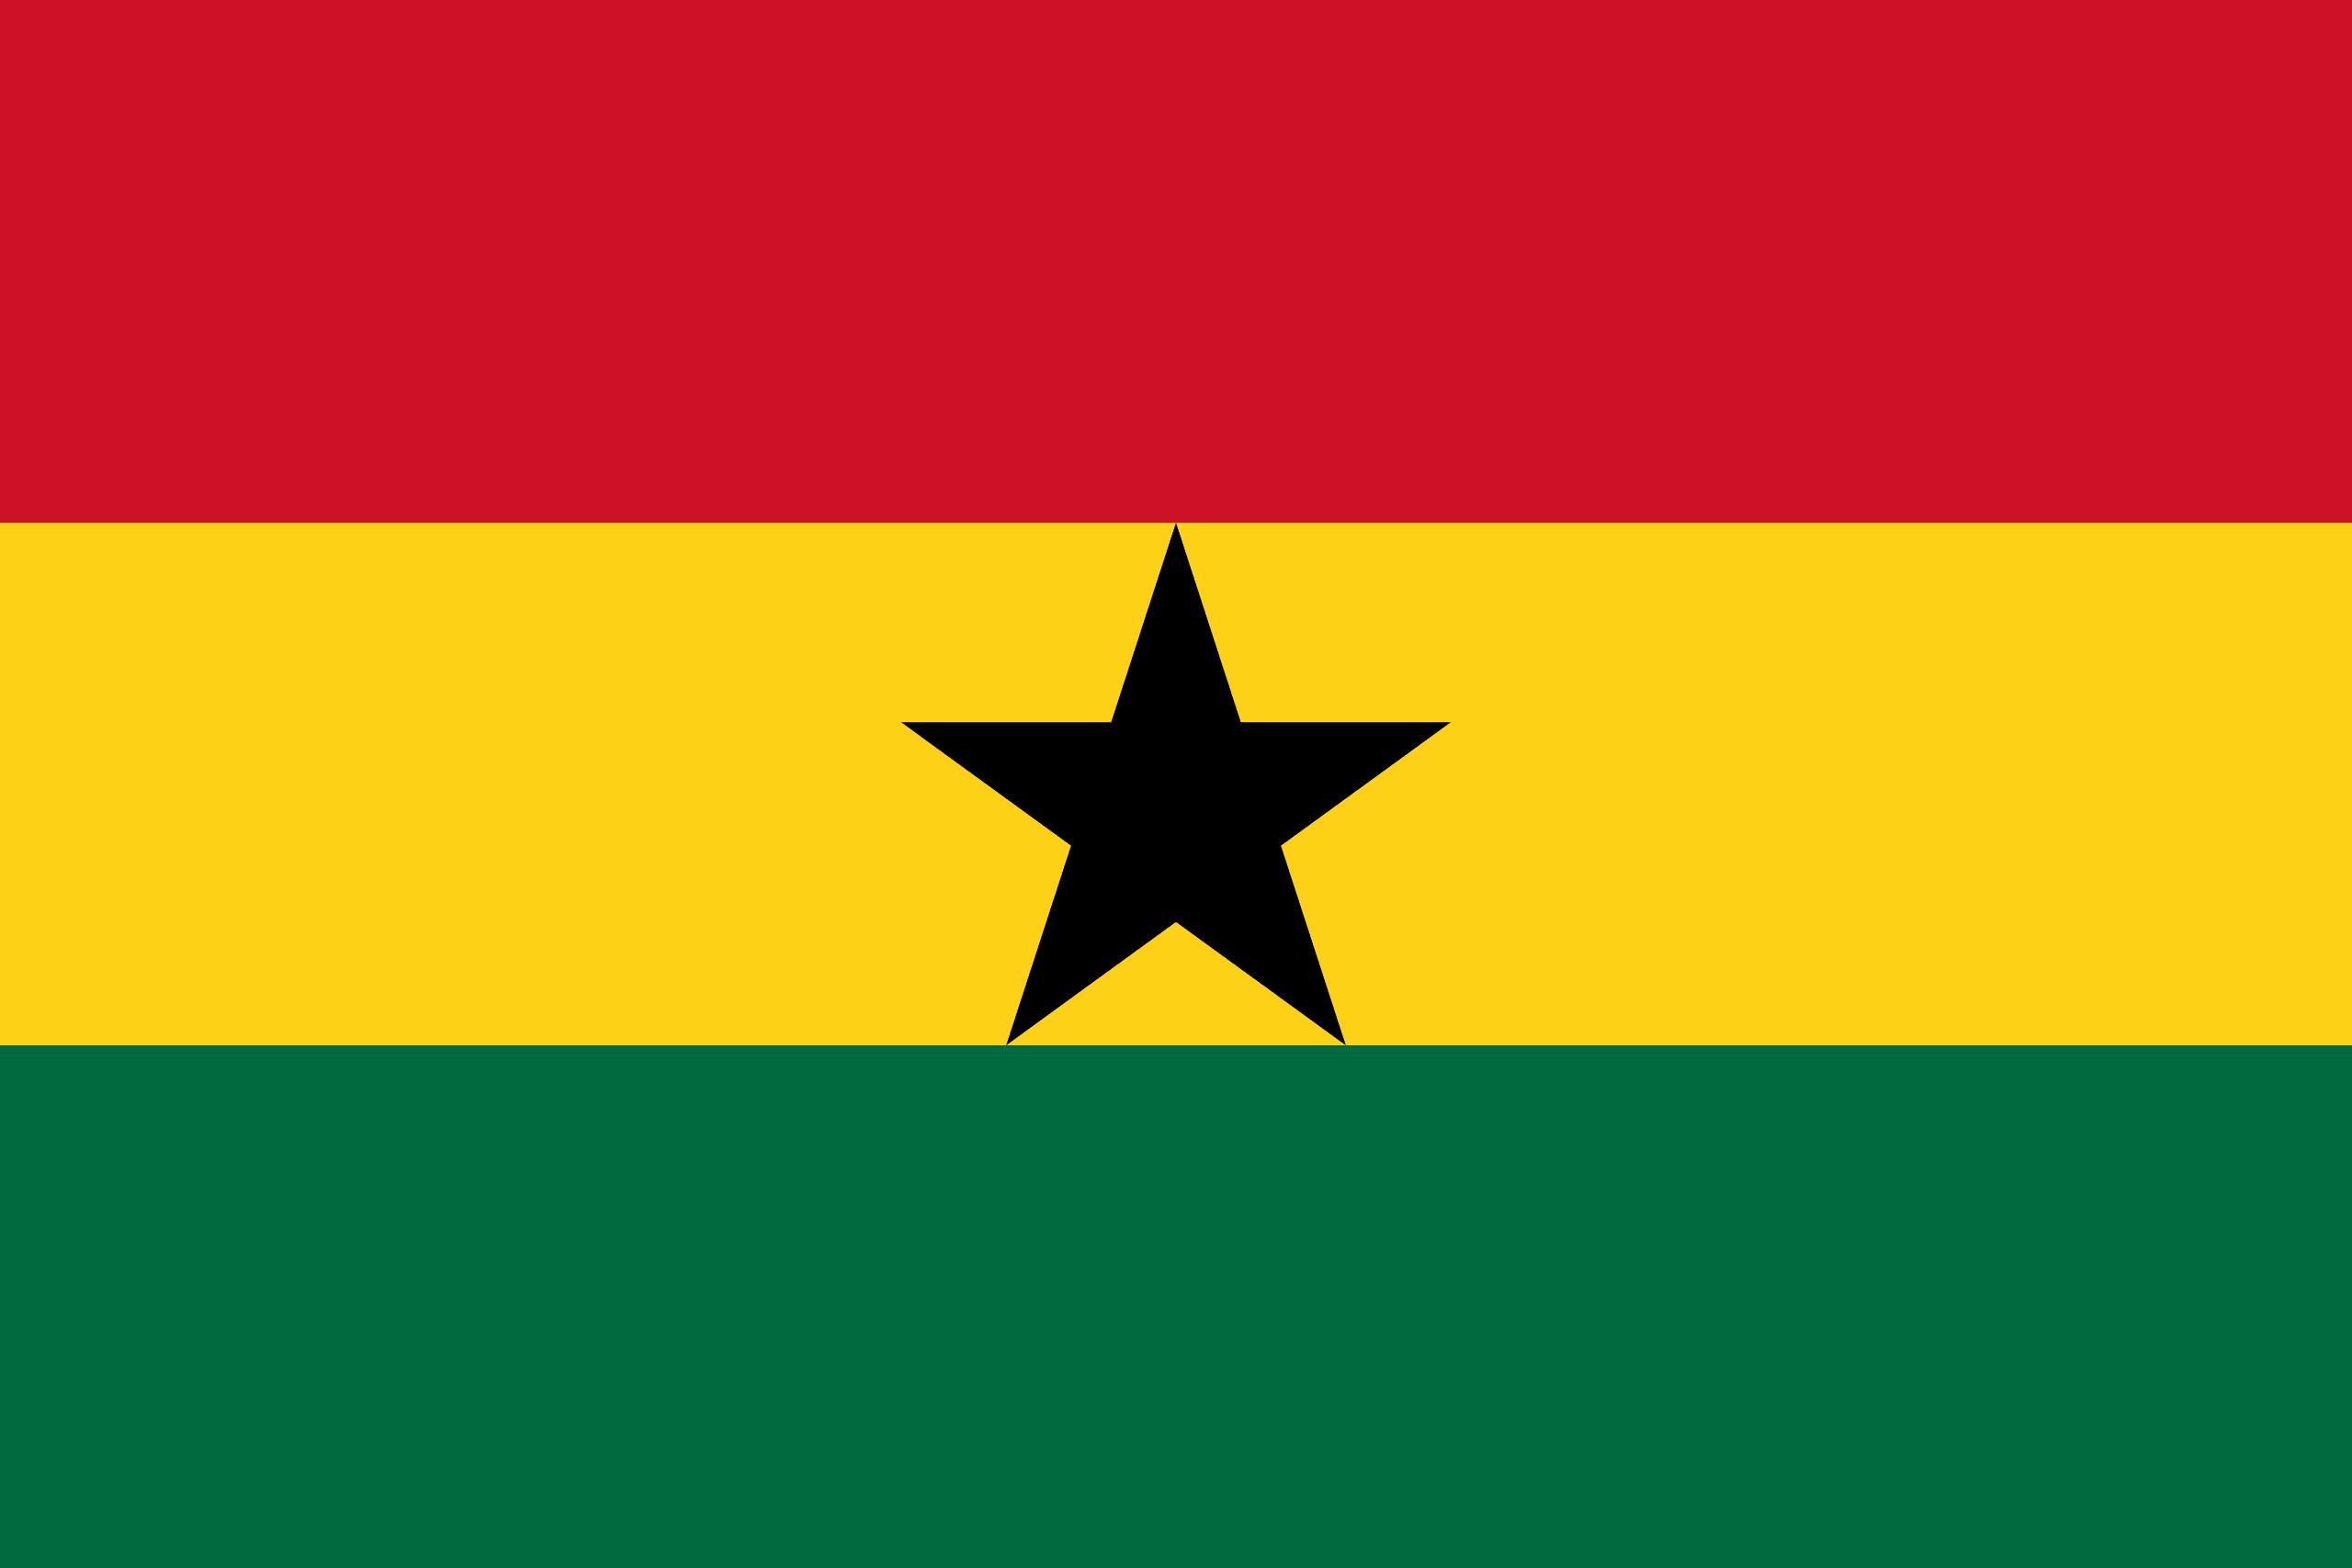 Σημαία Γκάνας